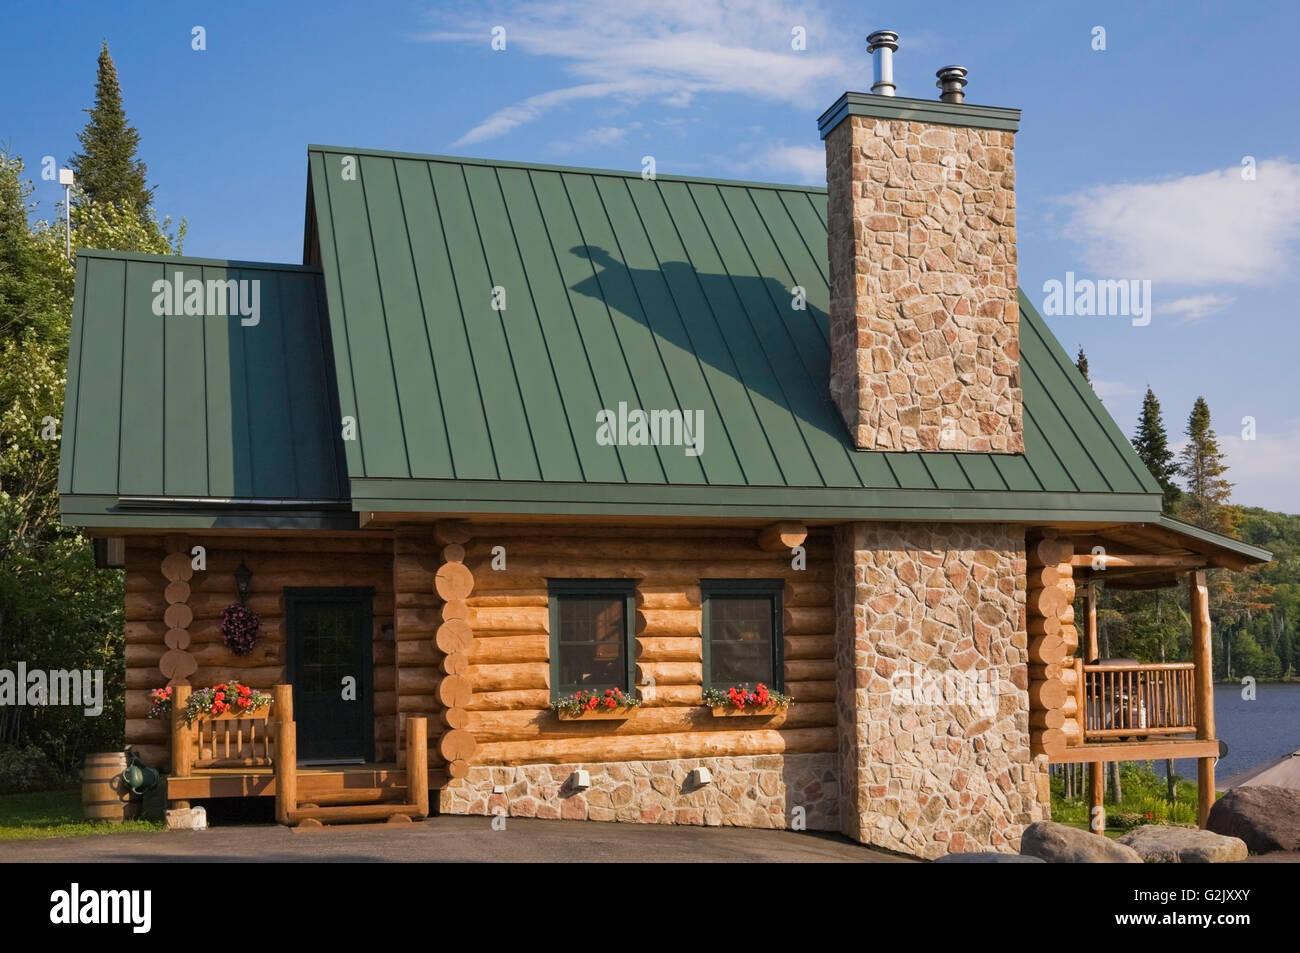 Hochwertig Handgefertigte Fichte Log Home Fassade Feldsteinen Kamin Grüne Metalldach  In Quebec Kanada This Image Eigenschaft Sommer Veröffentlicht